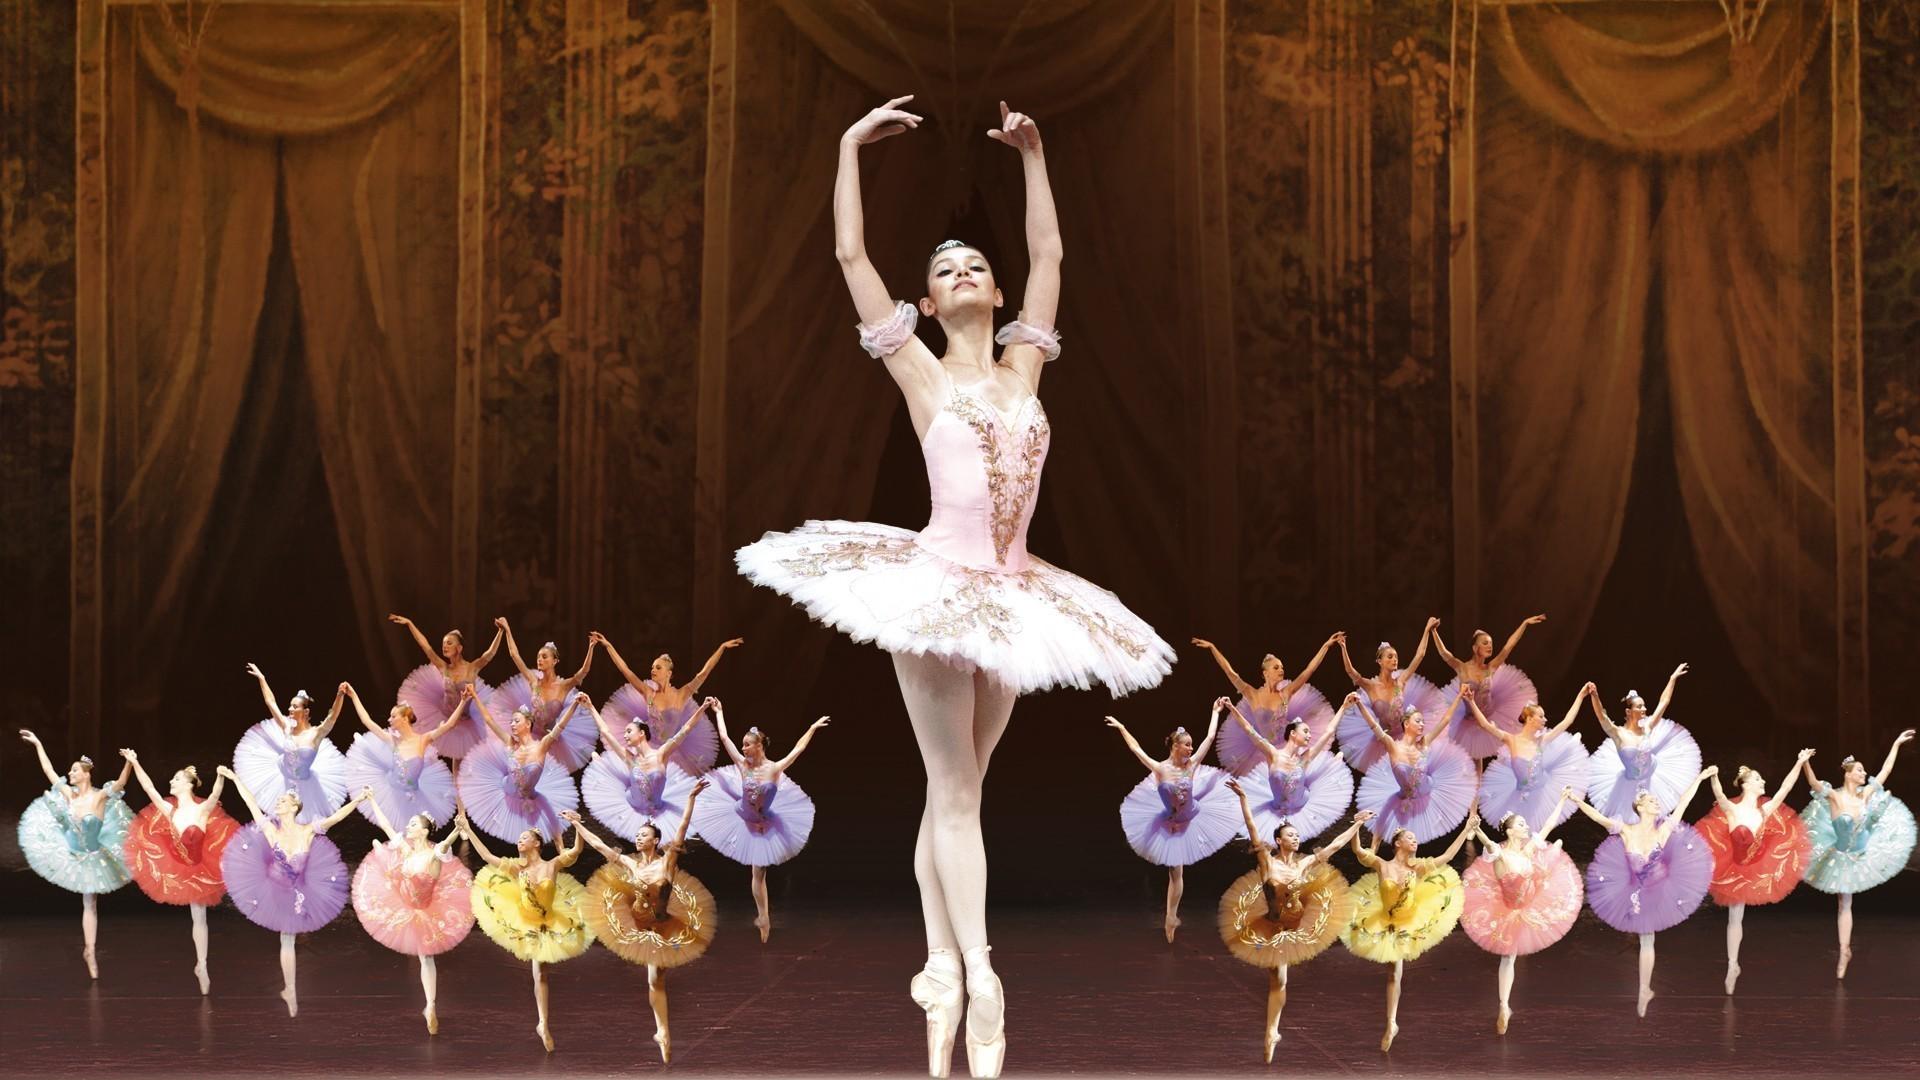 """IX Международный фестиваль балета в Кремле. Спящая красавица. П. Чайковский. Спектакль театра """"Кремлёвский балет"""""""